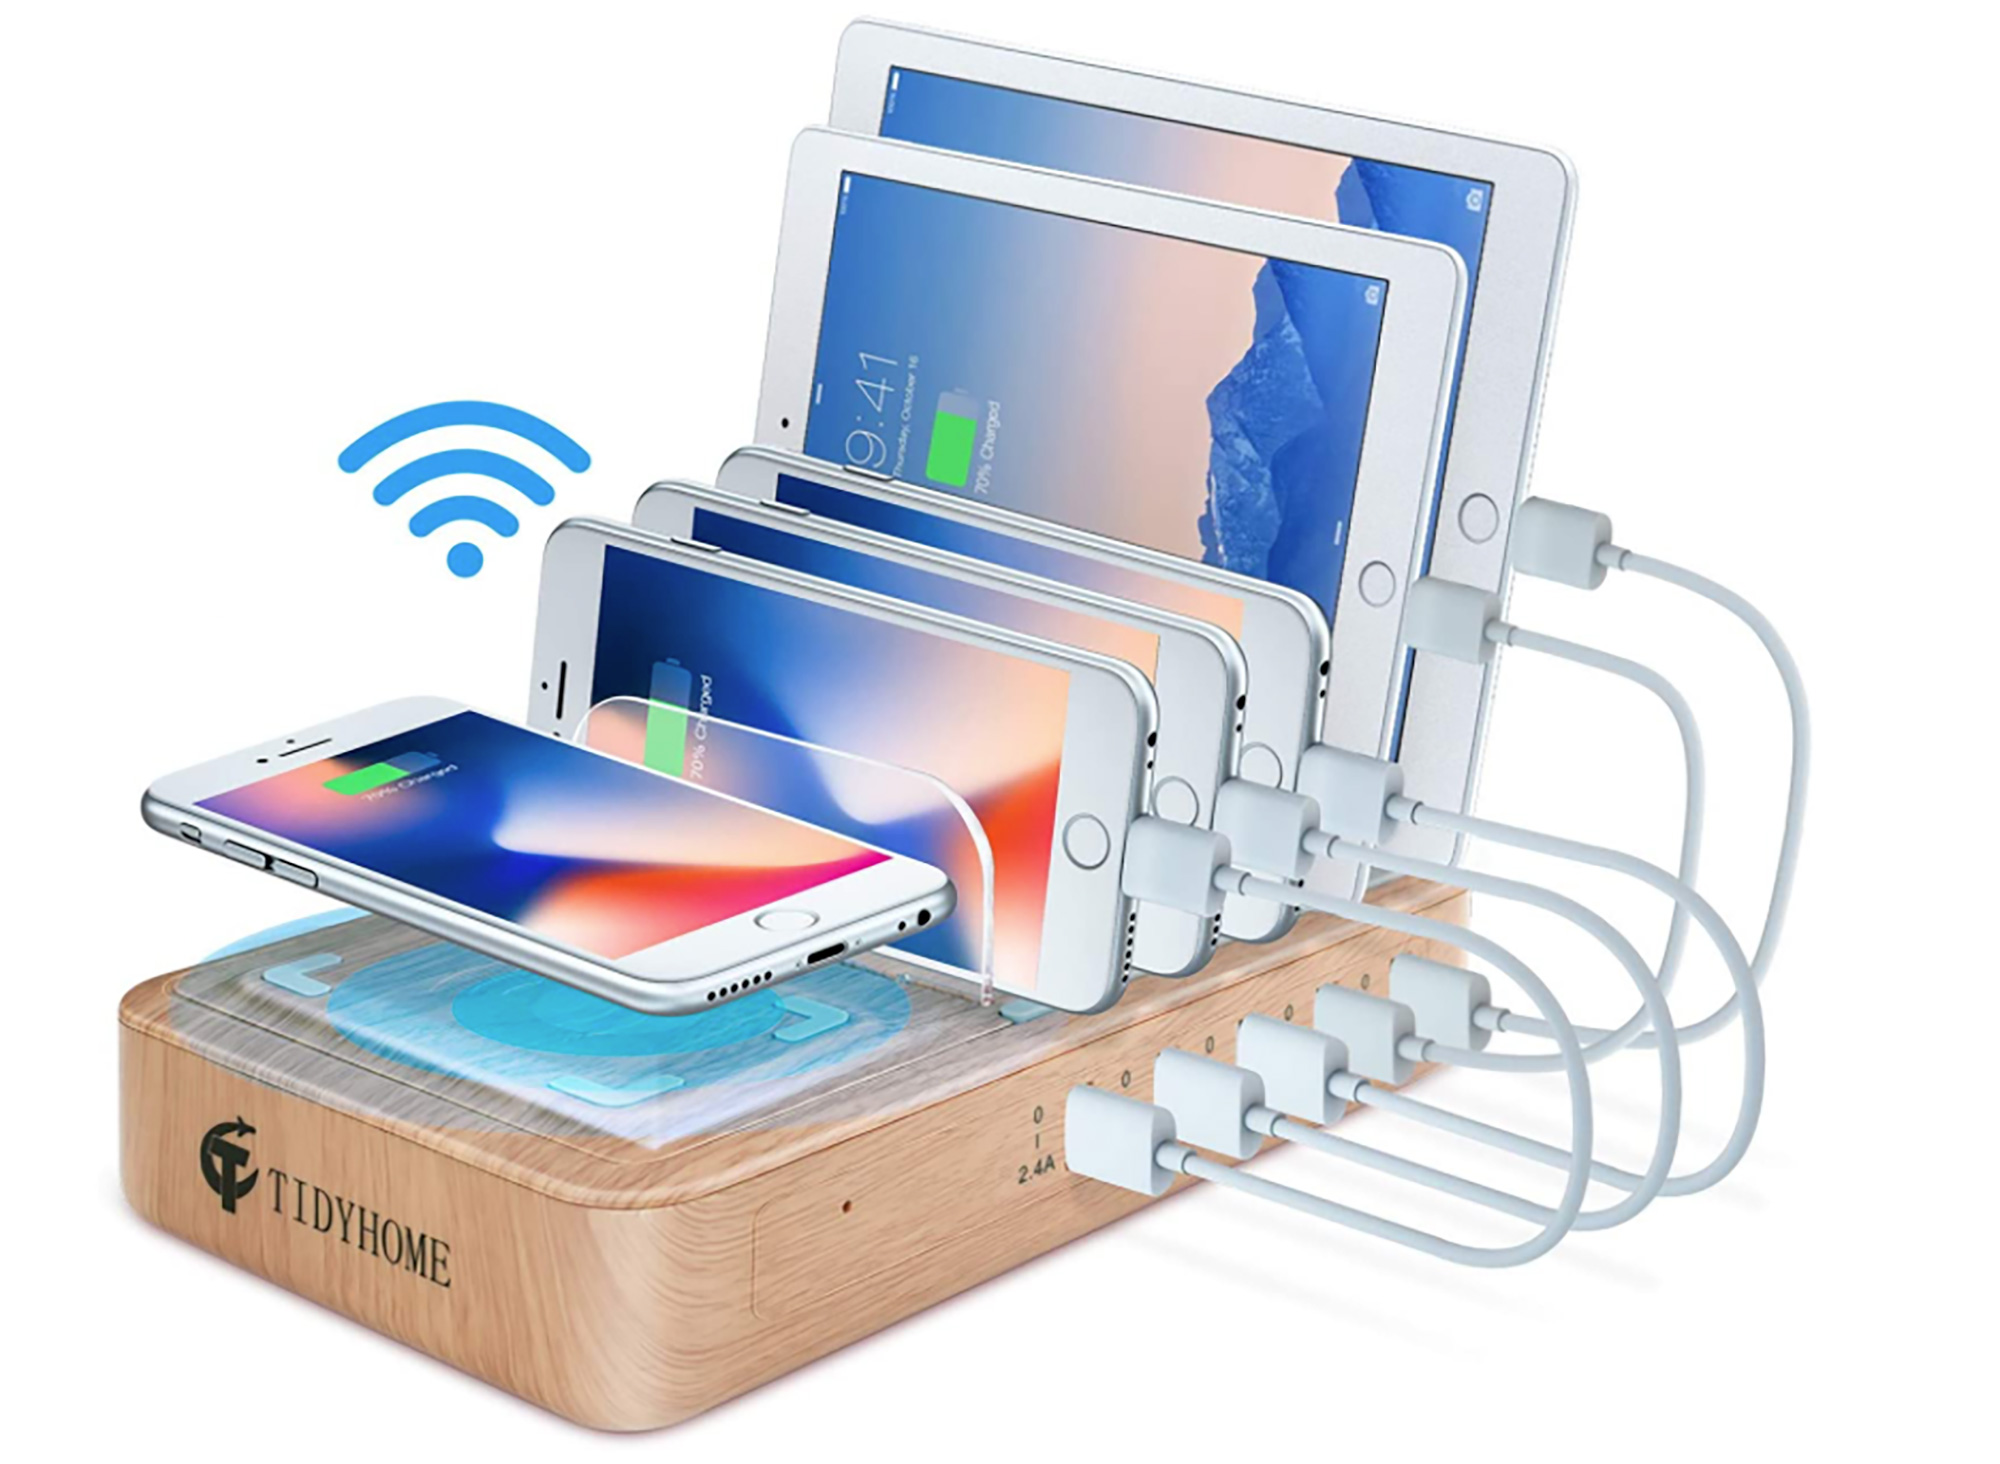 En cada familia siempre existe alguien amante de los dispositivos digitales. Esta es la solución perfecta para que puedan cargar todos sus juguetes tecnológicos en el mismo lugar, ya que la estación permite tener hasta seis dispositivos conectados al mismo tiempo. ¡Nada mal!